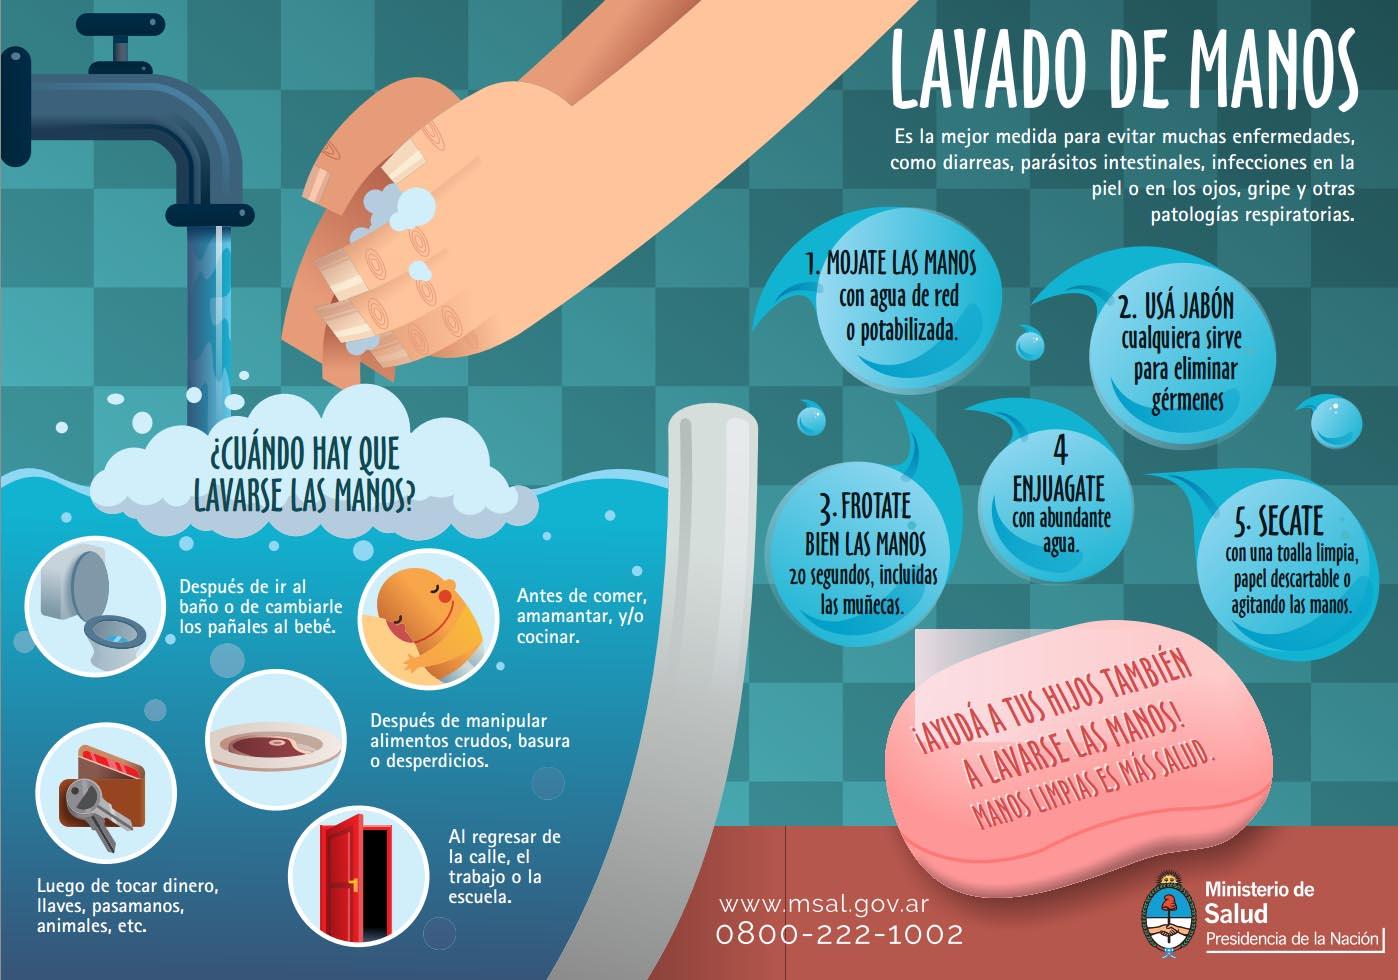 La higiene es fundamental para evitar diarreas de la poca ministerio de salud p blica de tucum n - Alimentos para evitar la diarrea ...